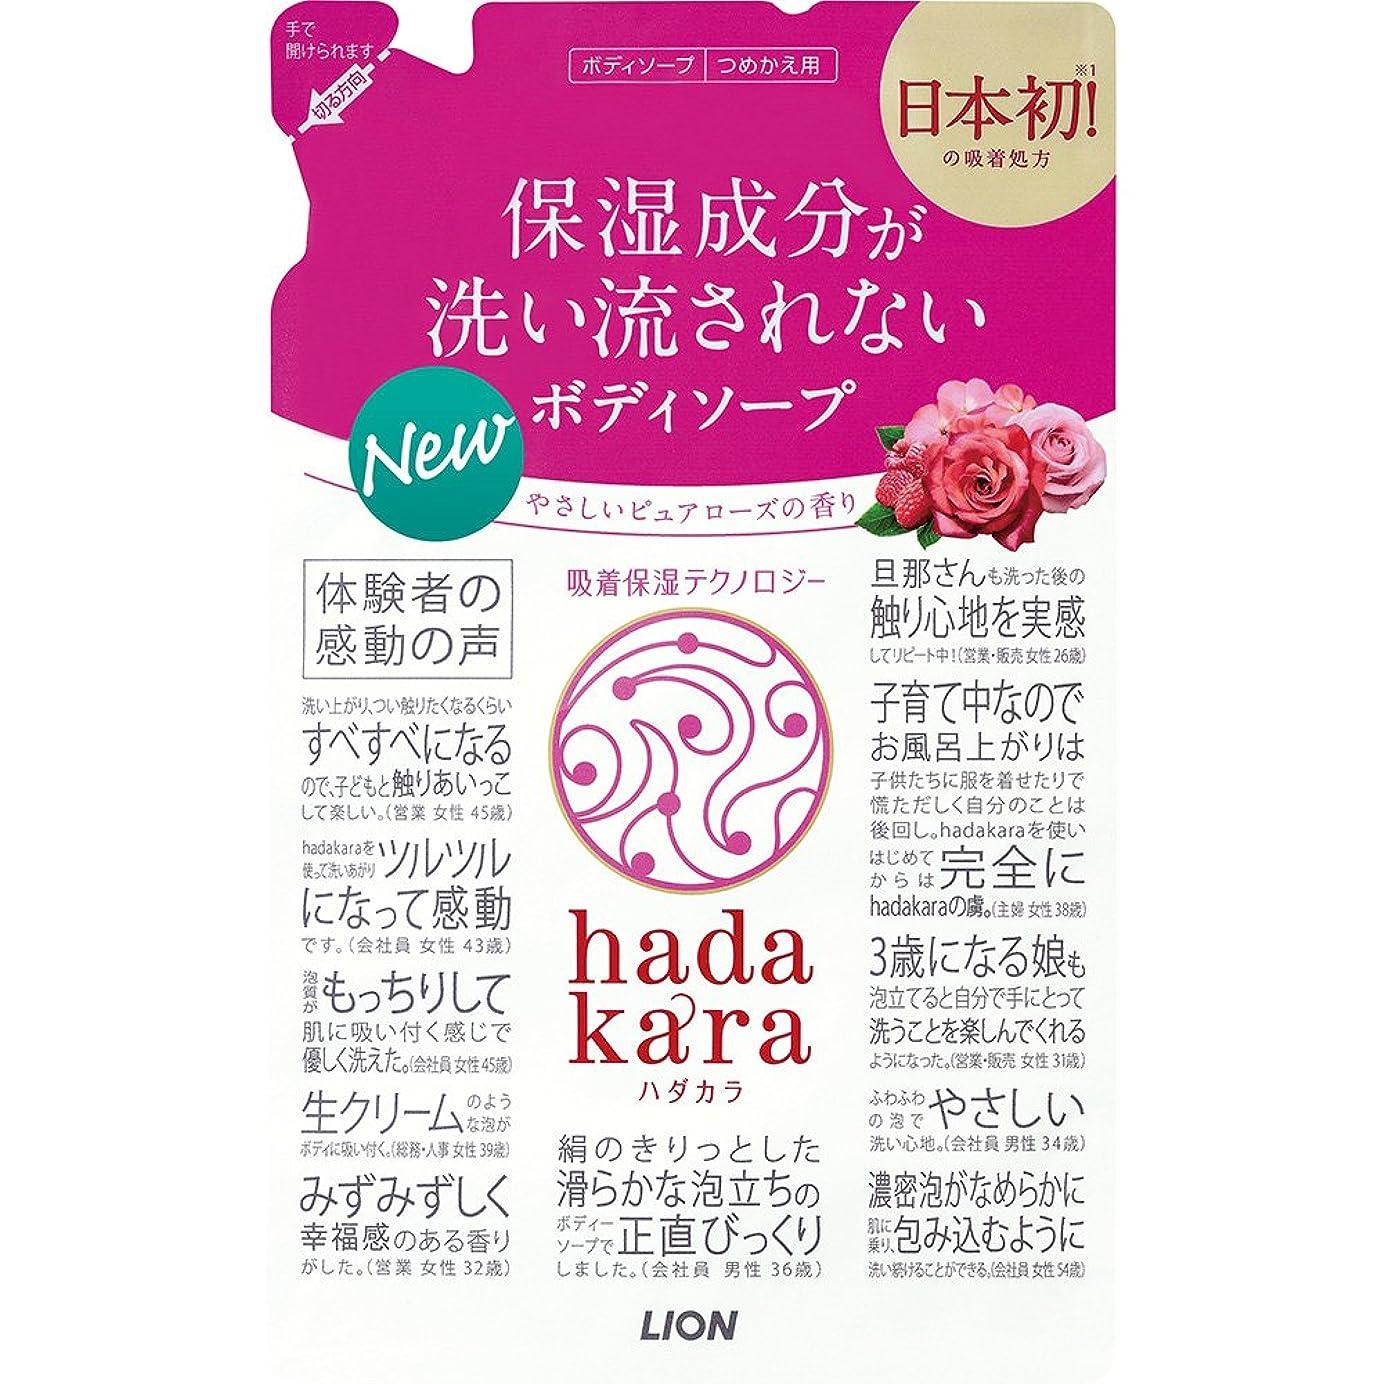 津波ヘビ突っ込むhadakara(ハダカラ) ボディソープ ピュアローズの香り 詰め替え 360ml